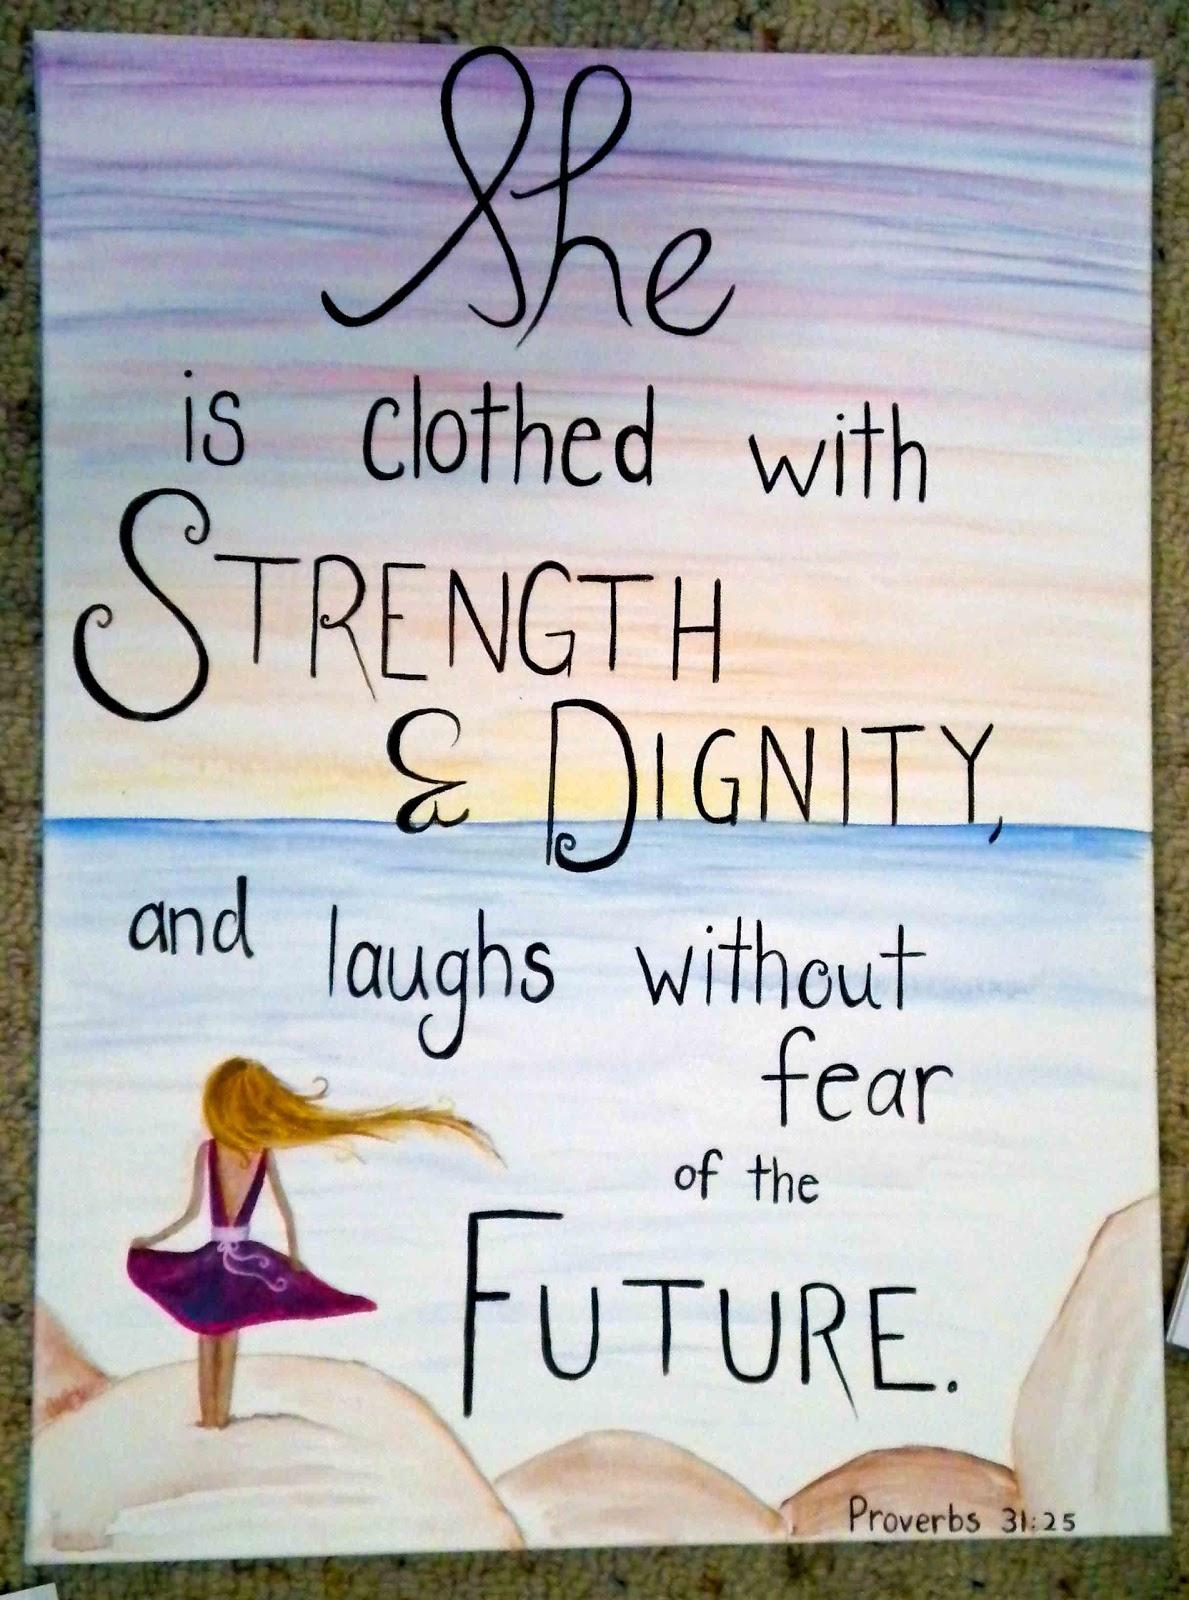 Proverbs 31 25